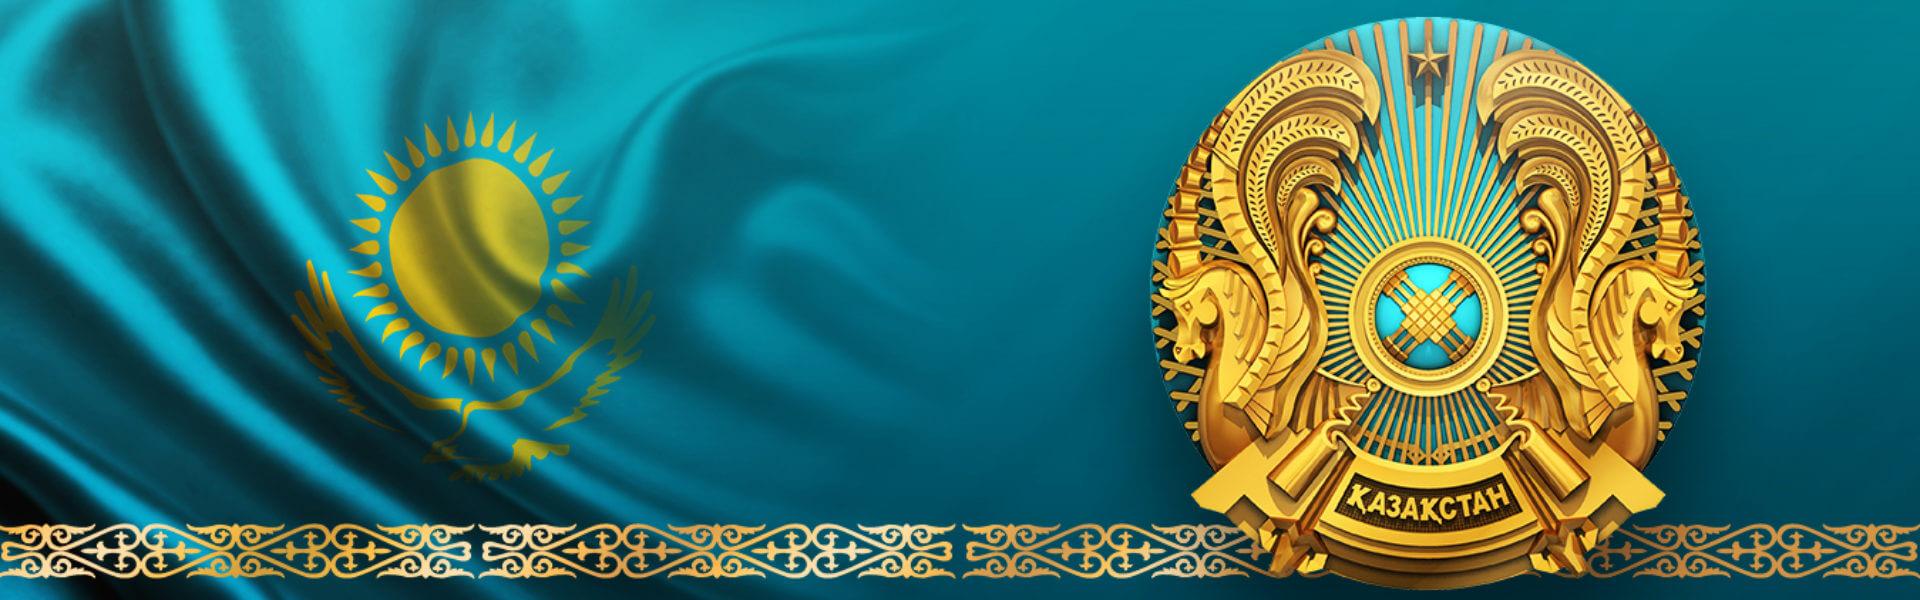 Фото флага и герба казахстана